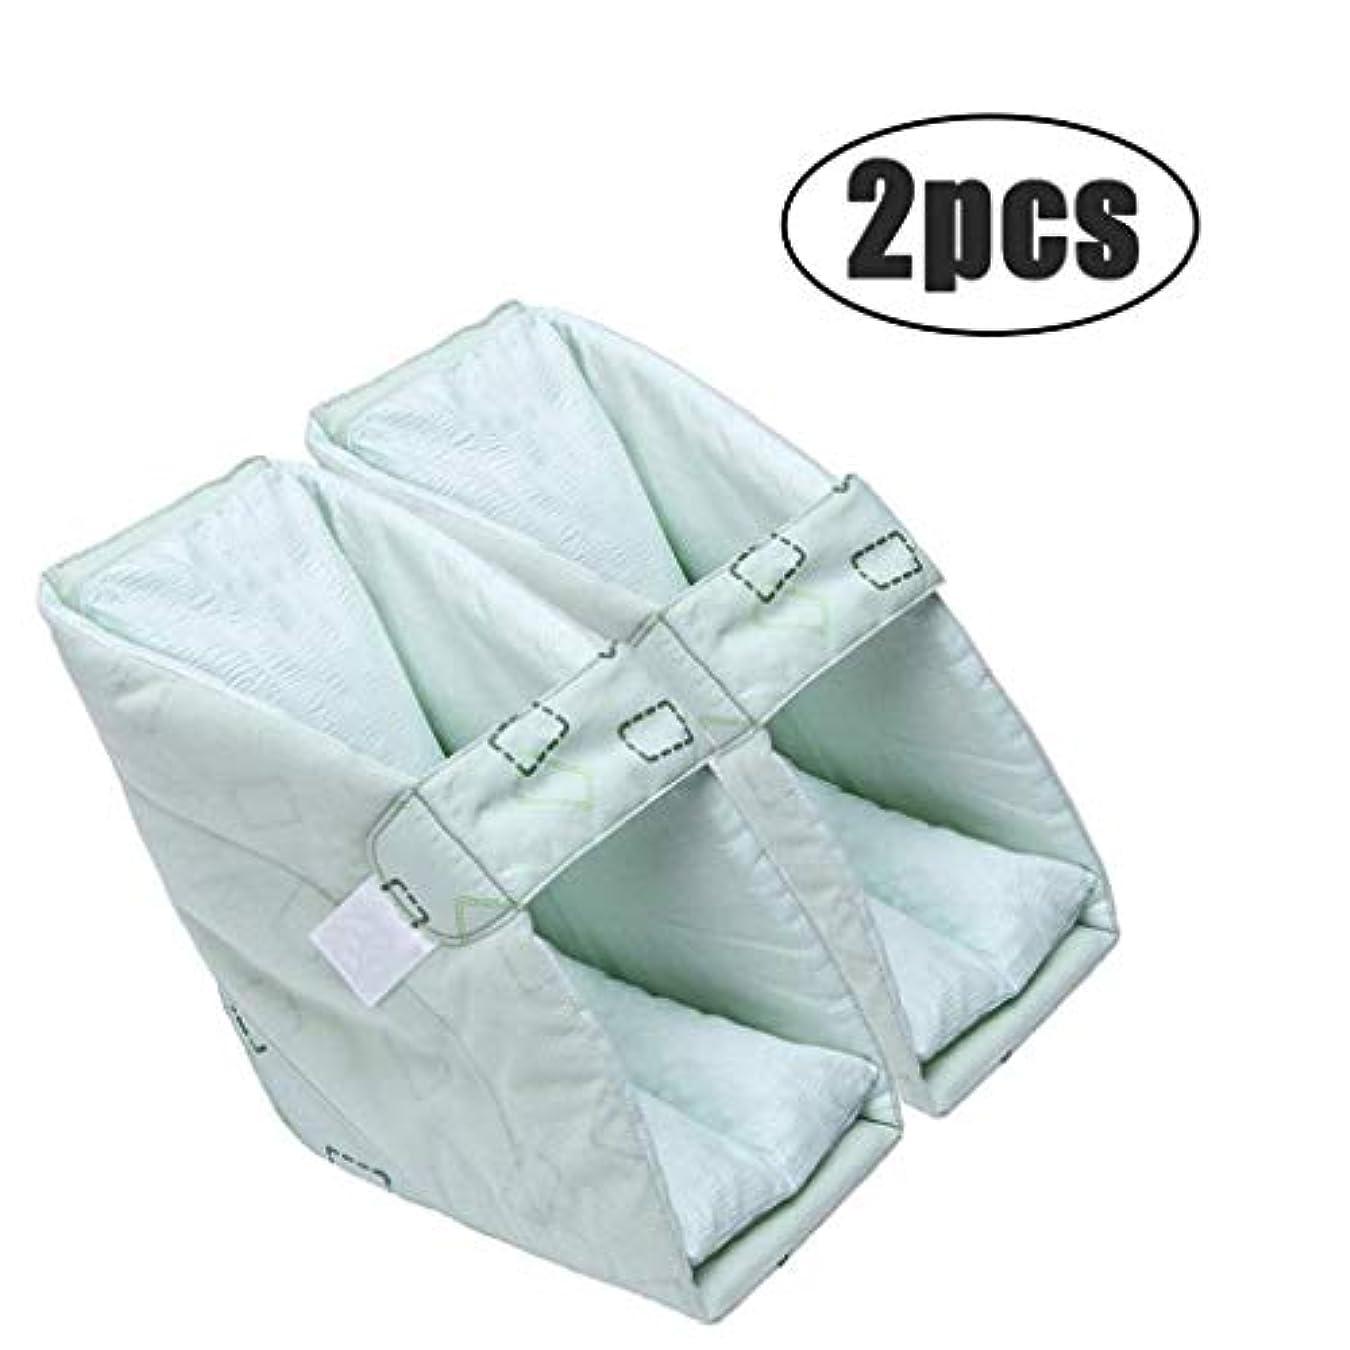 空白より多い決定Almohadillas para los pies Protectores para el talón Cojines, almohadilla de talón en la cama antiescaras: alivio efectivo de la presión y úlceras para pies hinchados,2pcs